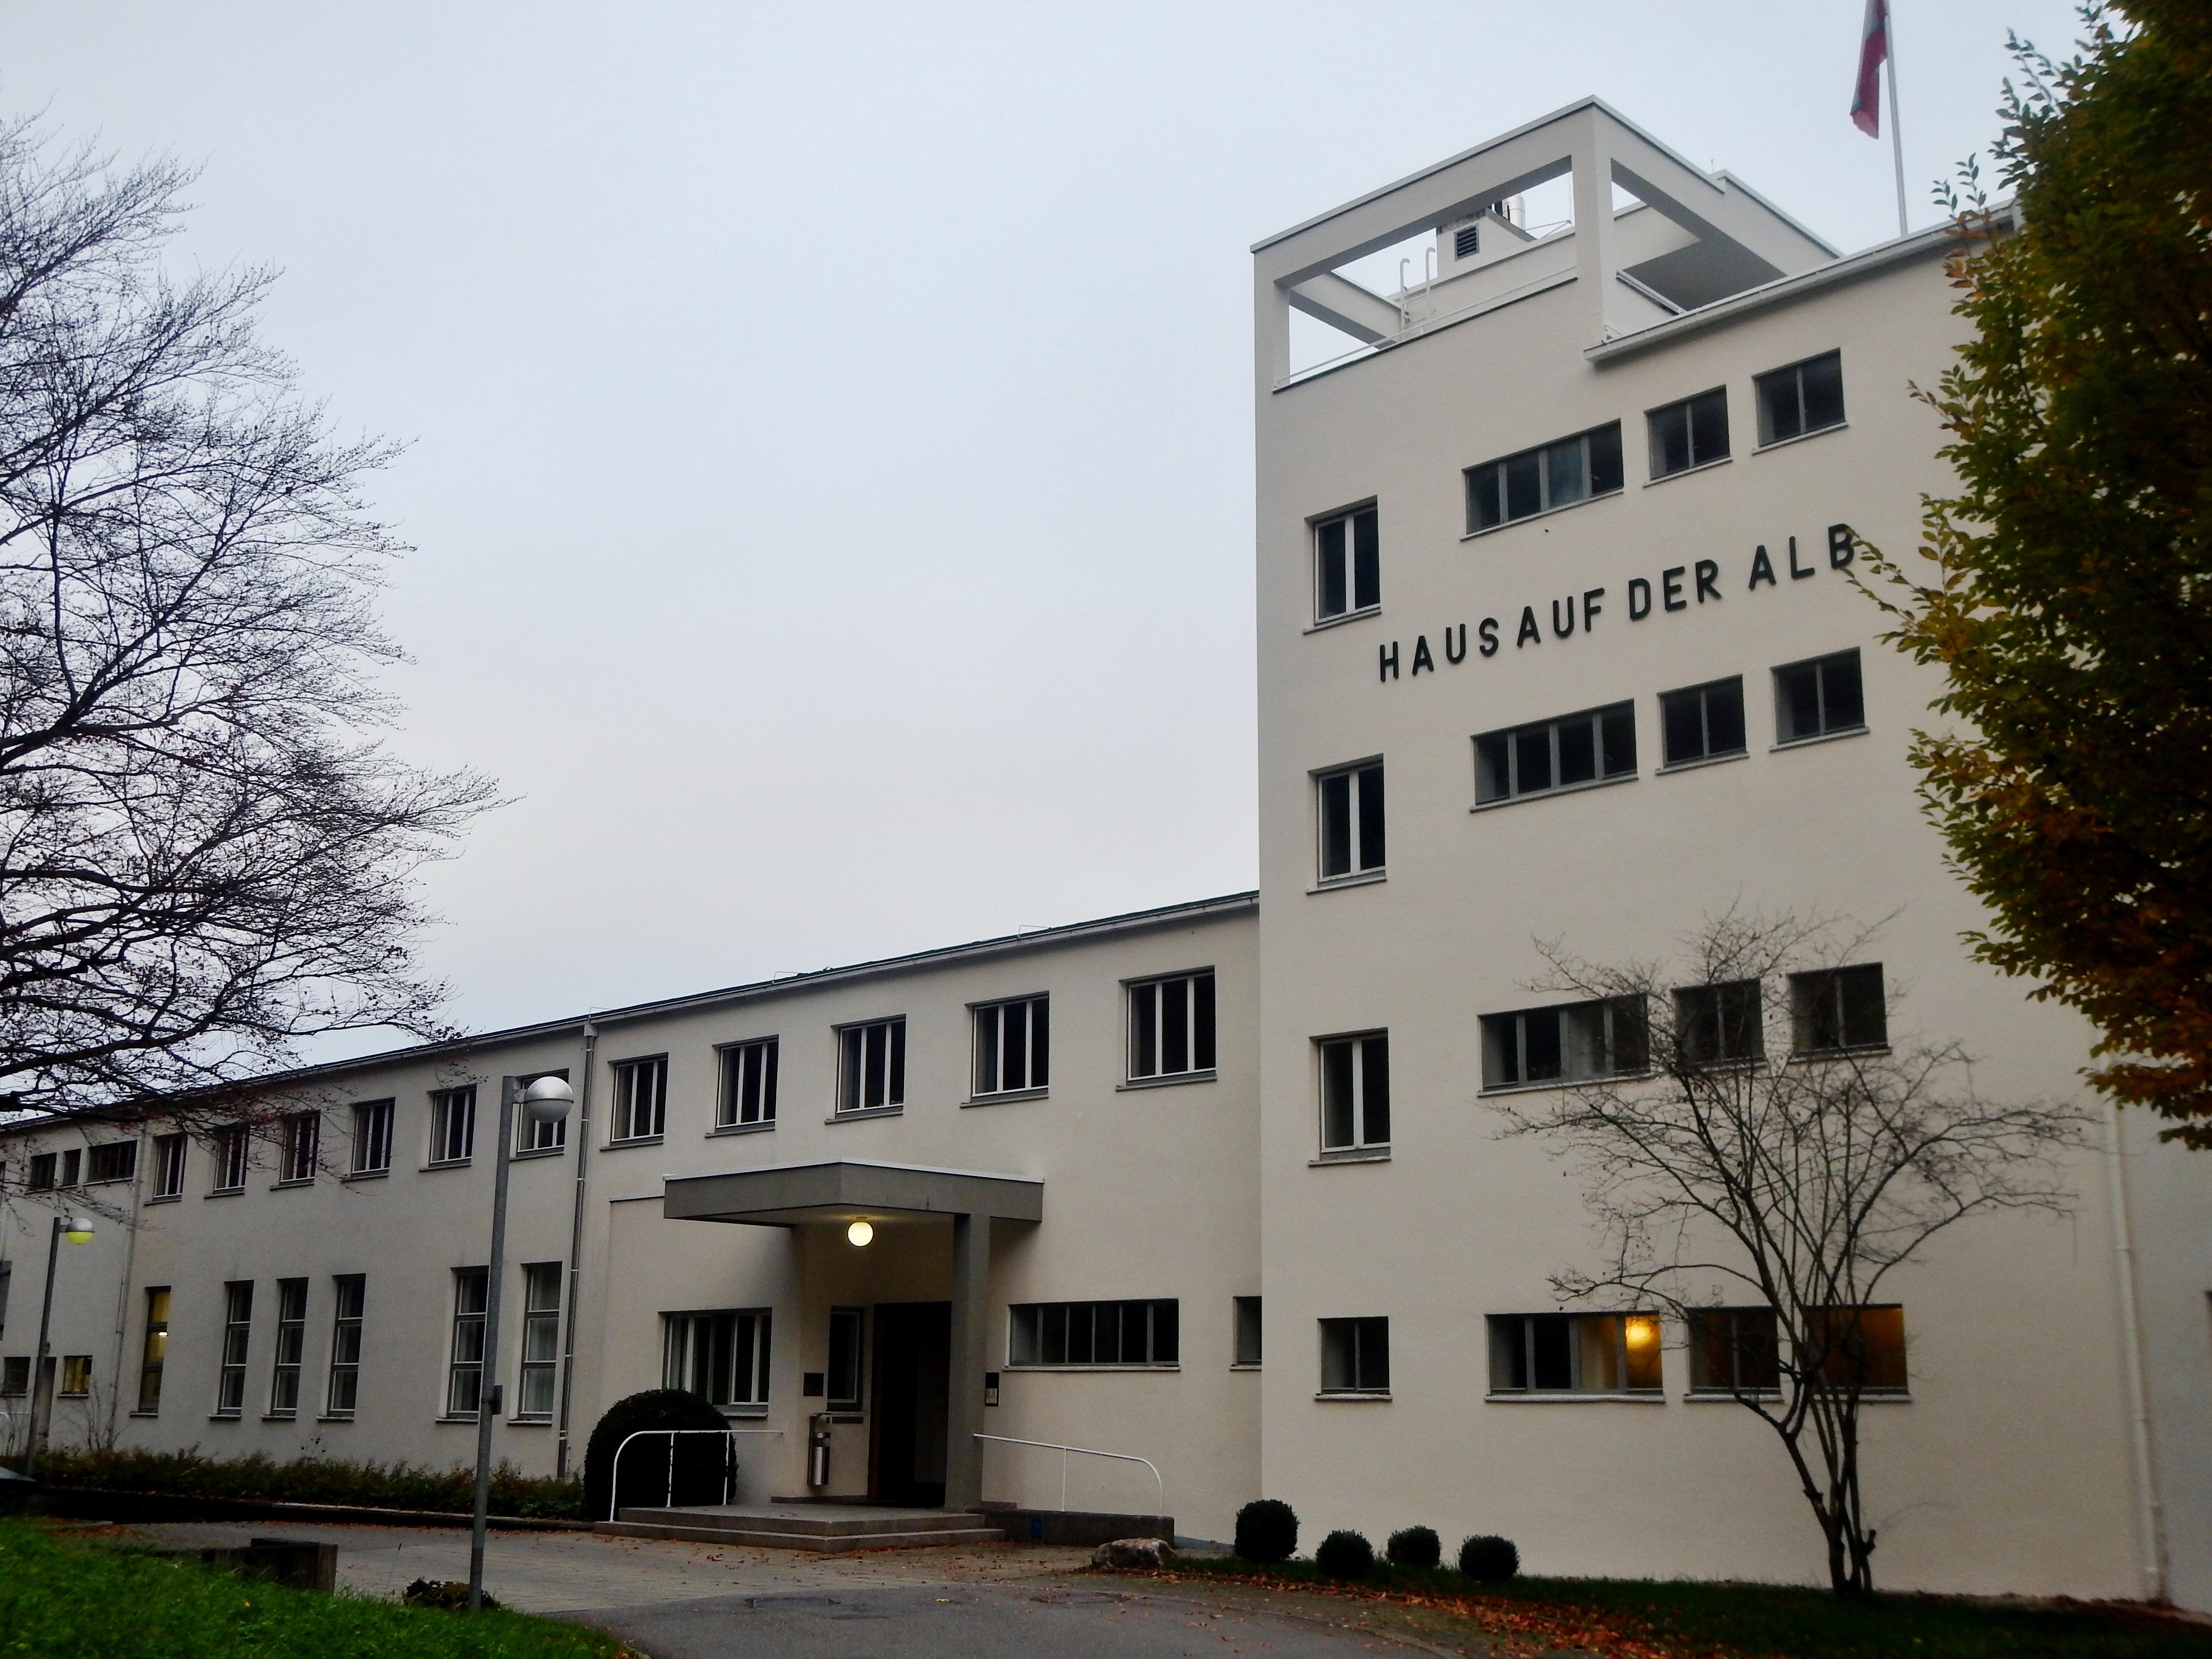 File:Haus auf der Alb, 1929-1930 Kaufmannserholungsheim im Stil der ...